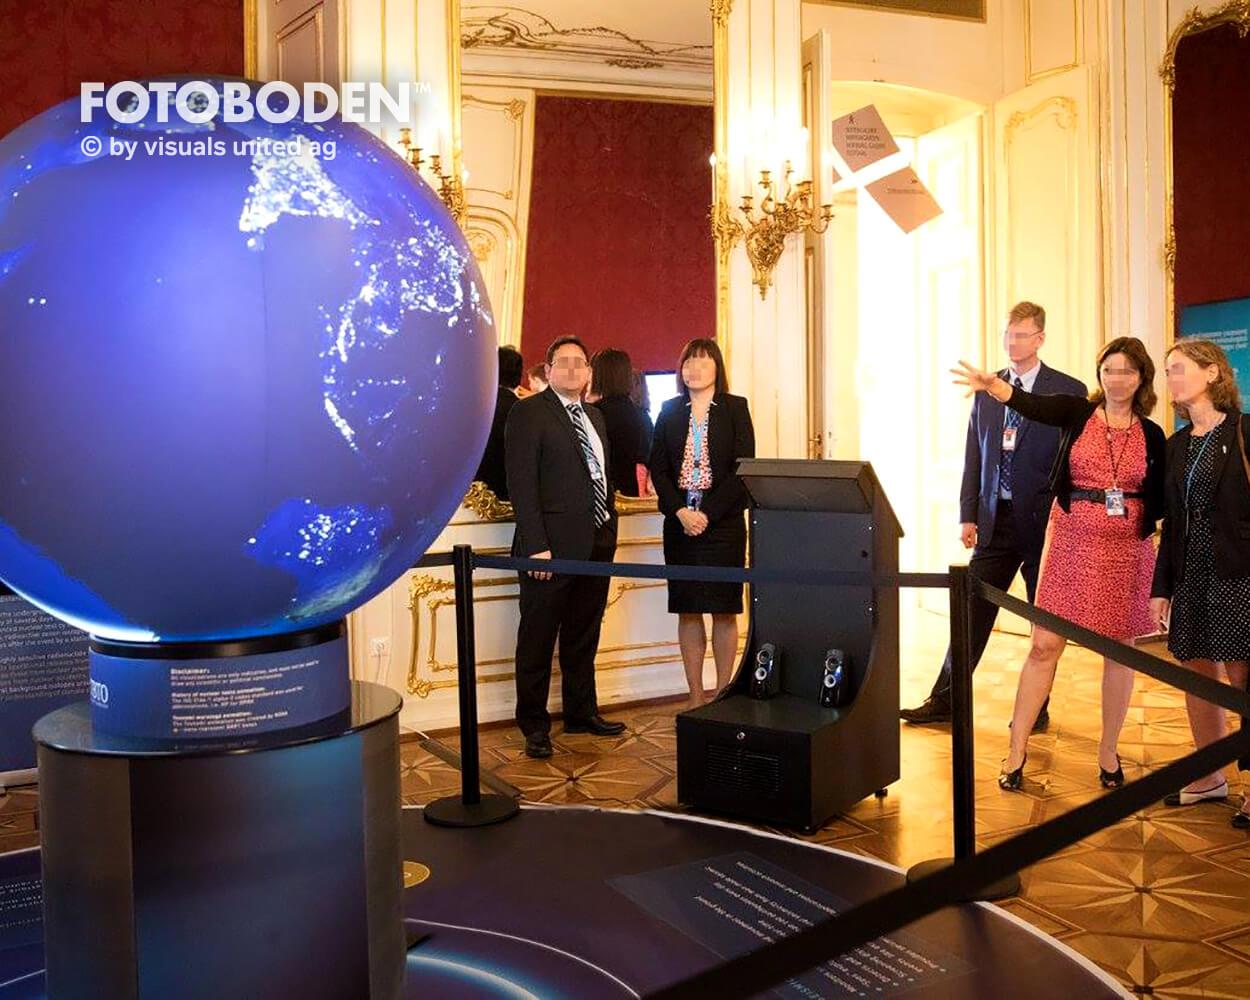 CTBTO4 Ausstellung Museum  Raumkonzept Stimmung Museumsboden Ausstellungsboden Fotoboden Vinylboden Flooring Individuell Event